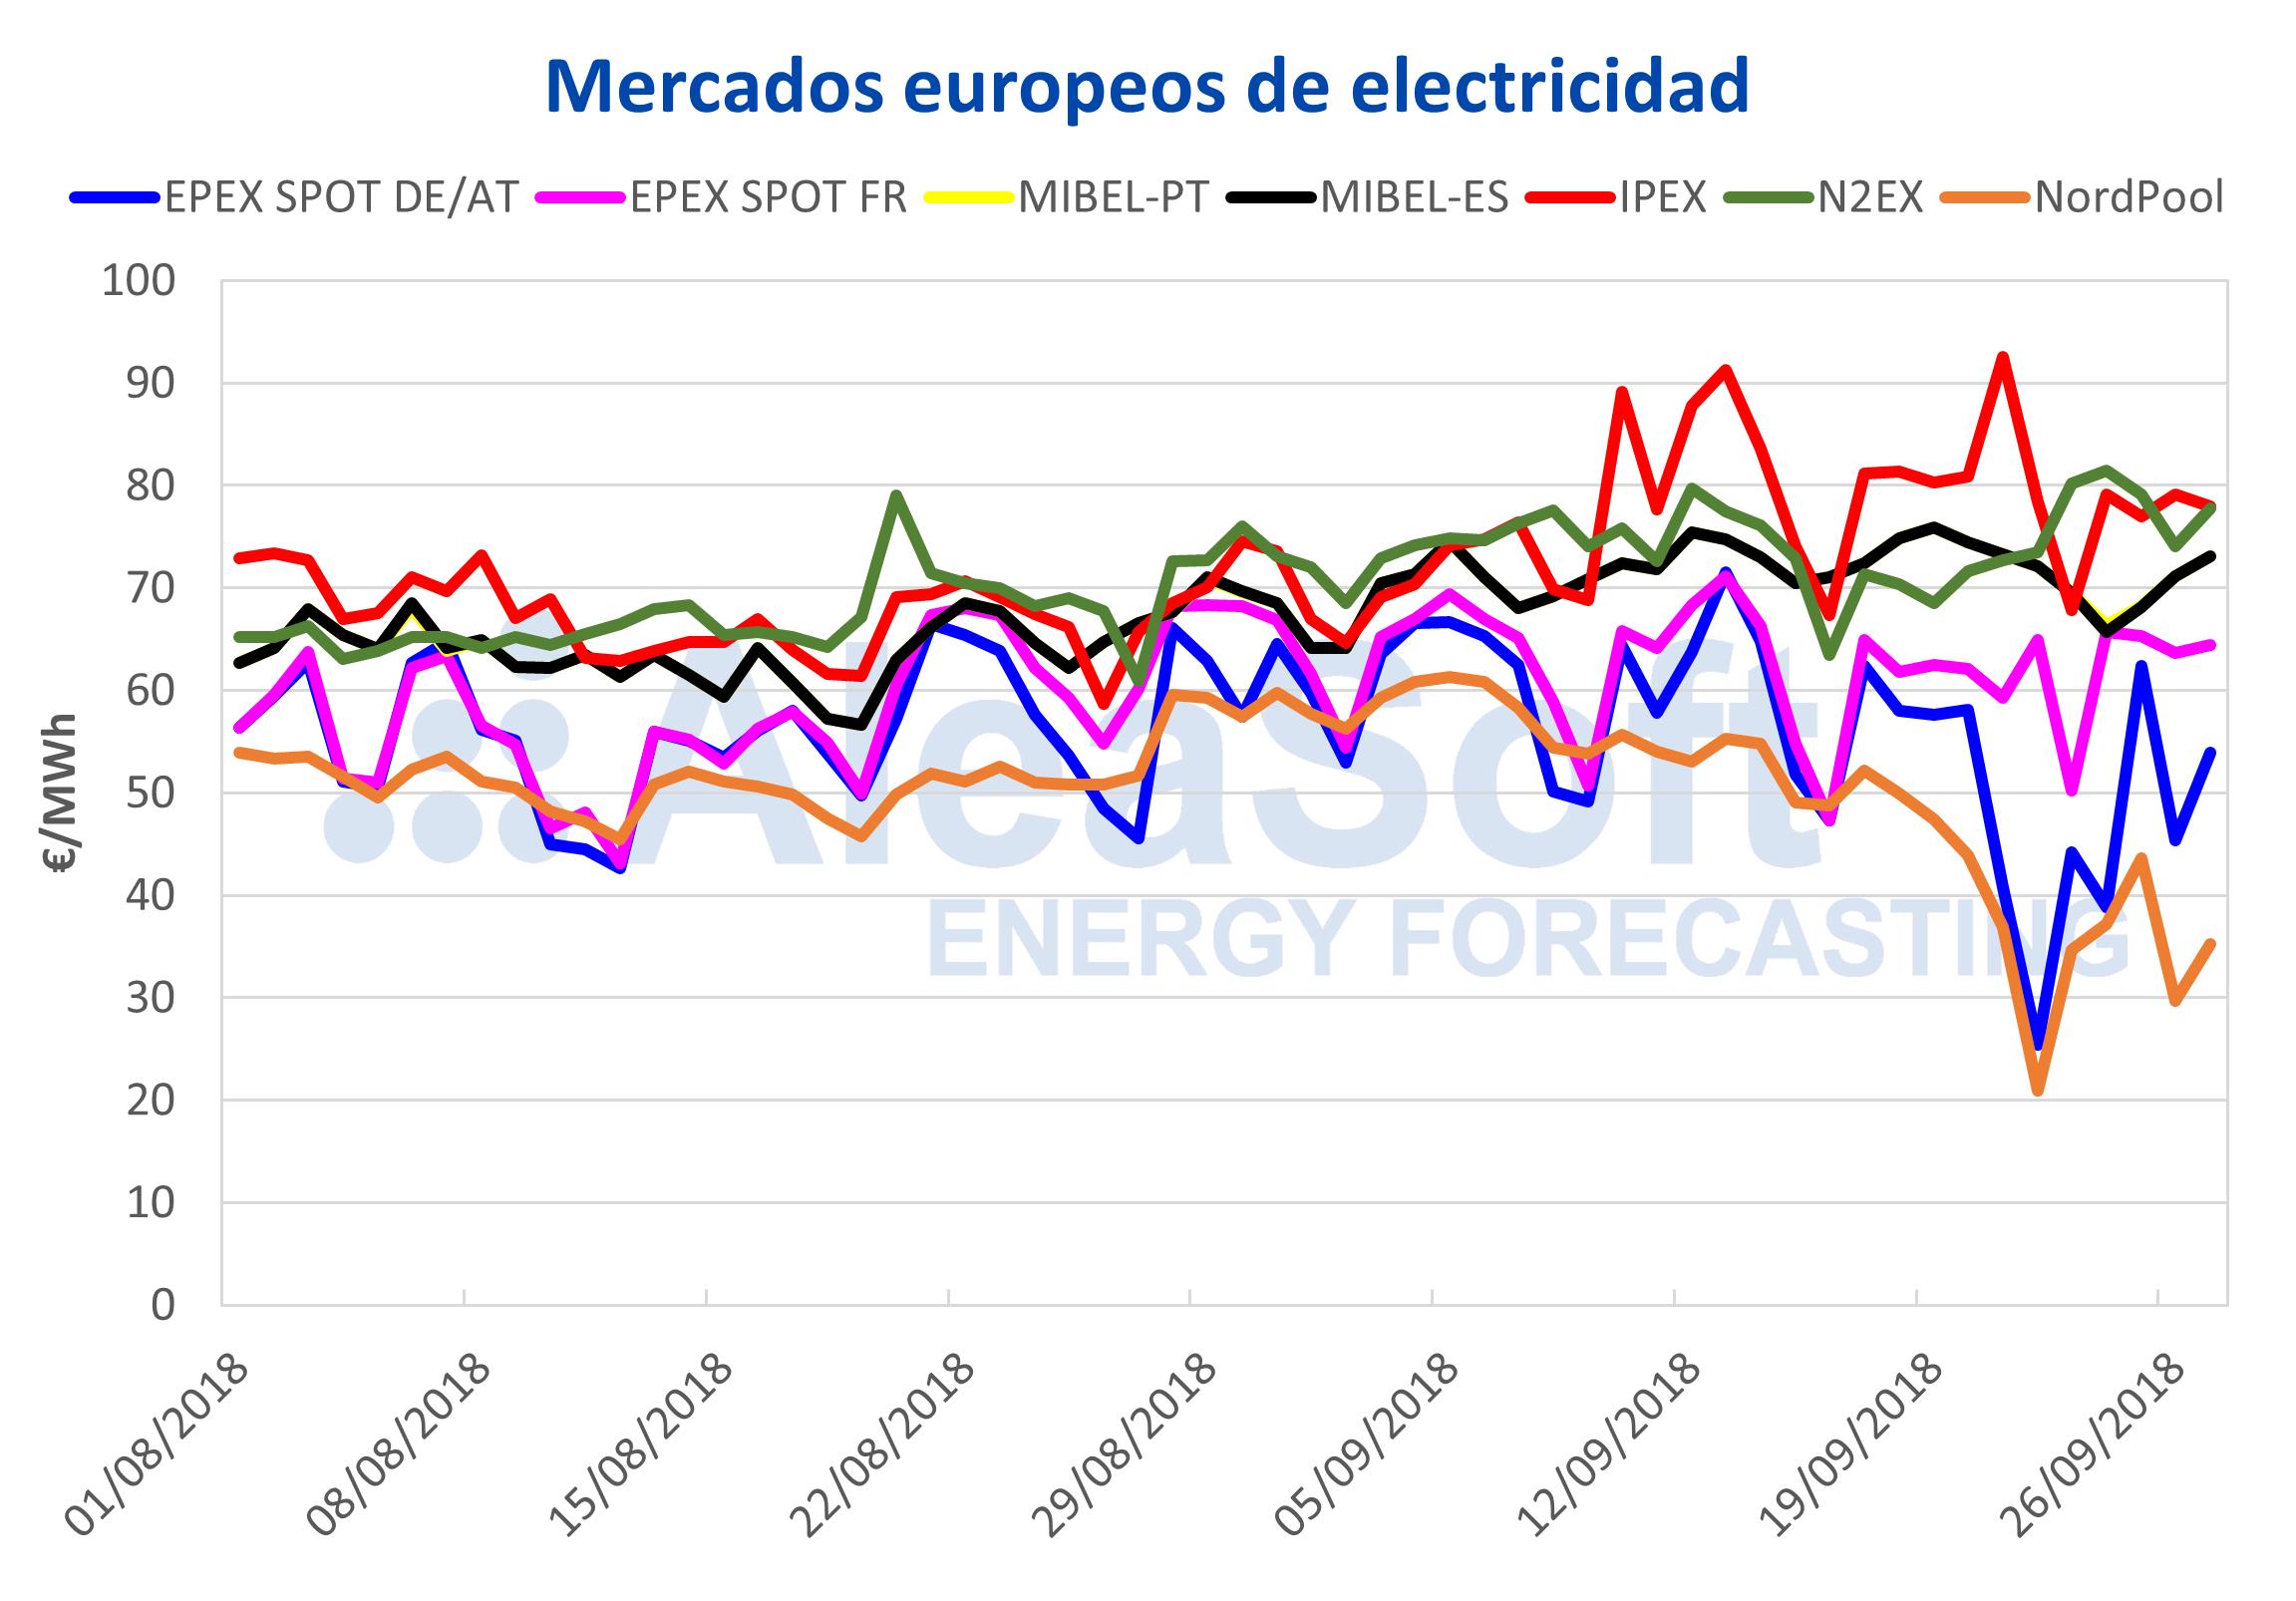 AleaSoft - Precio de mercados europeos de electricidad